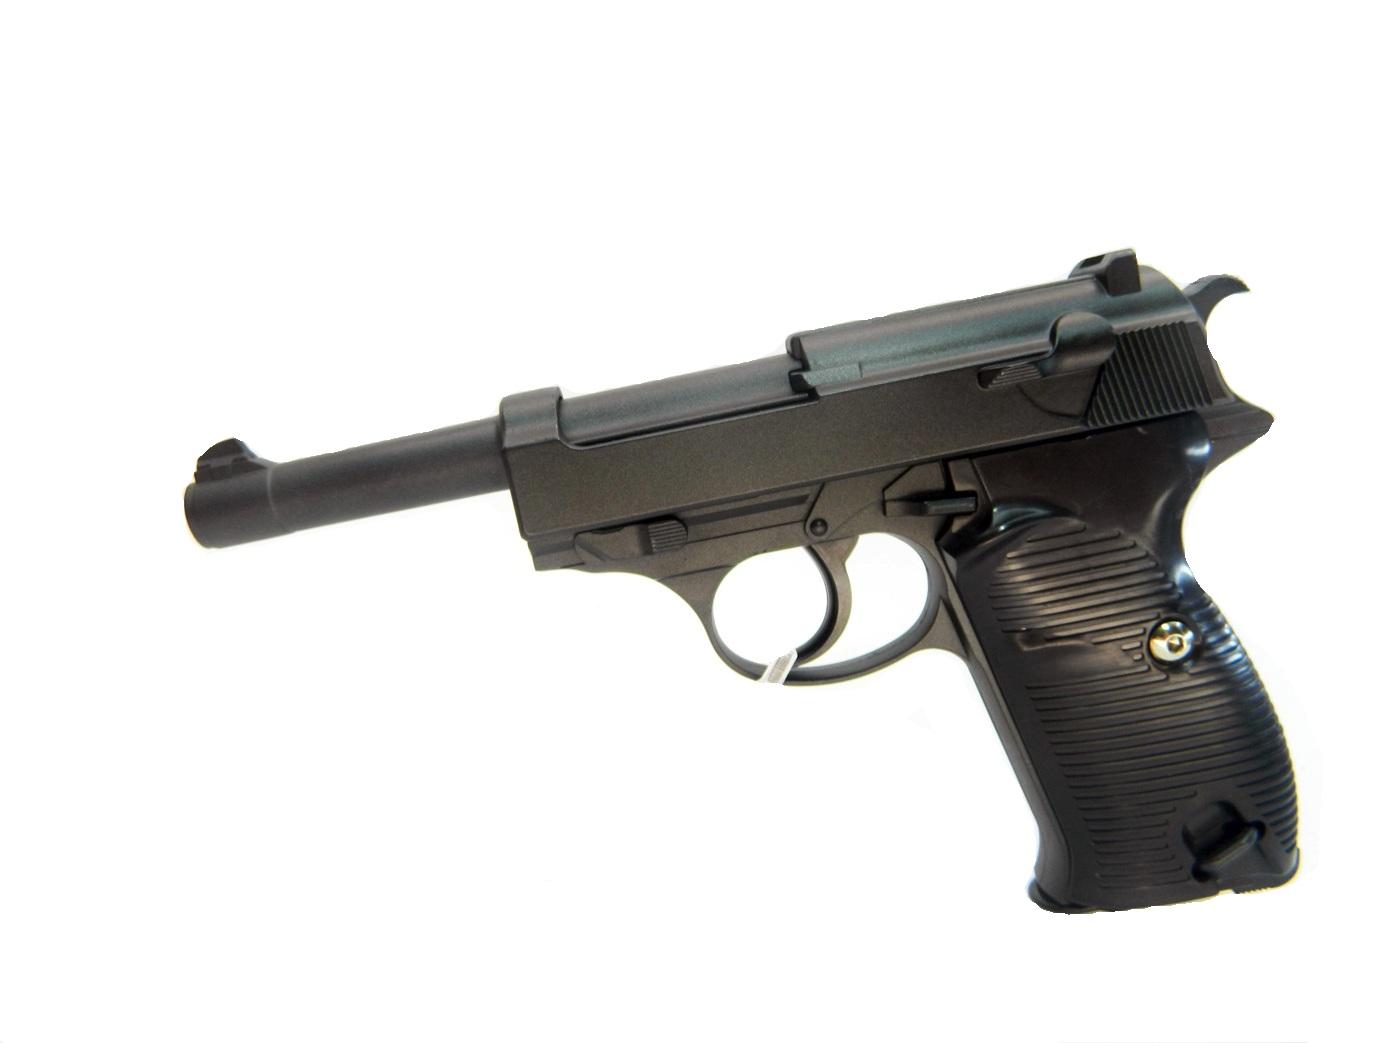 Макет пистолета Walther P38 в натуральную величину